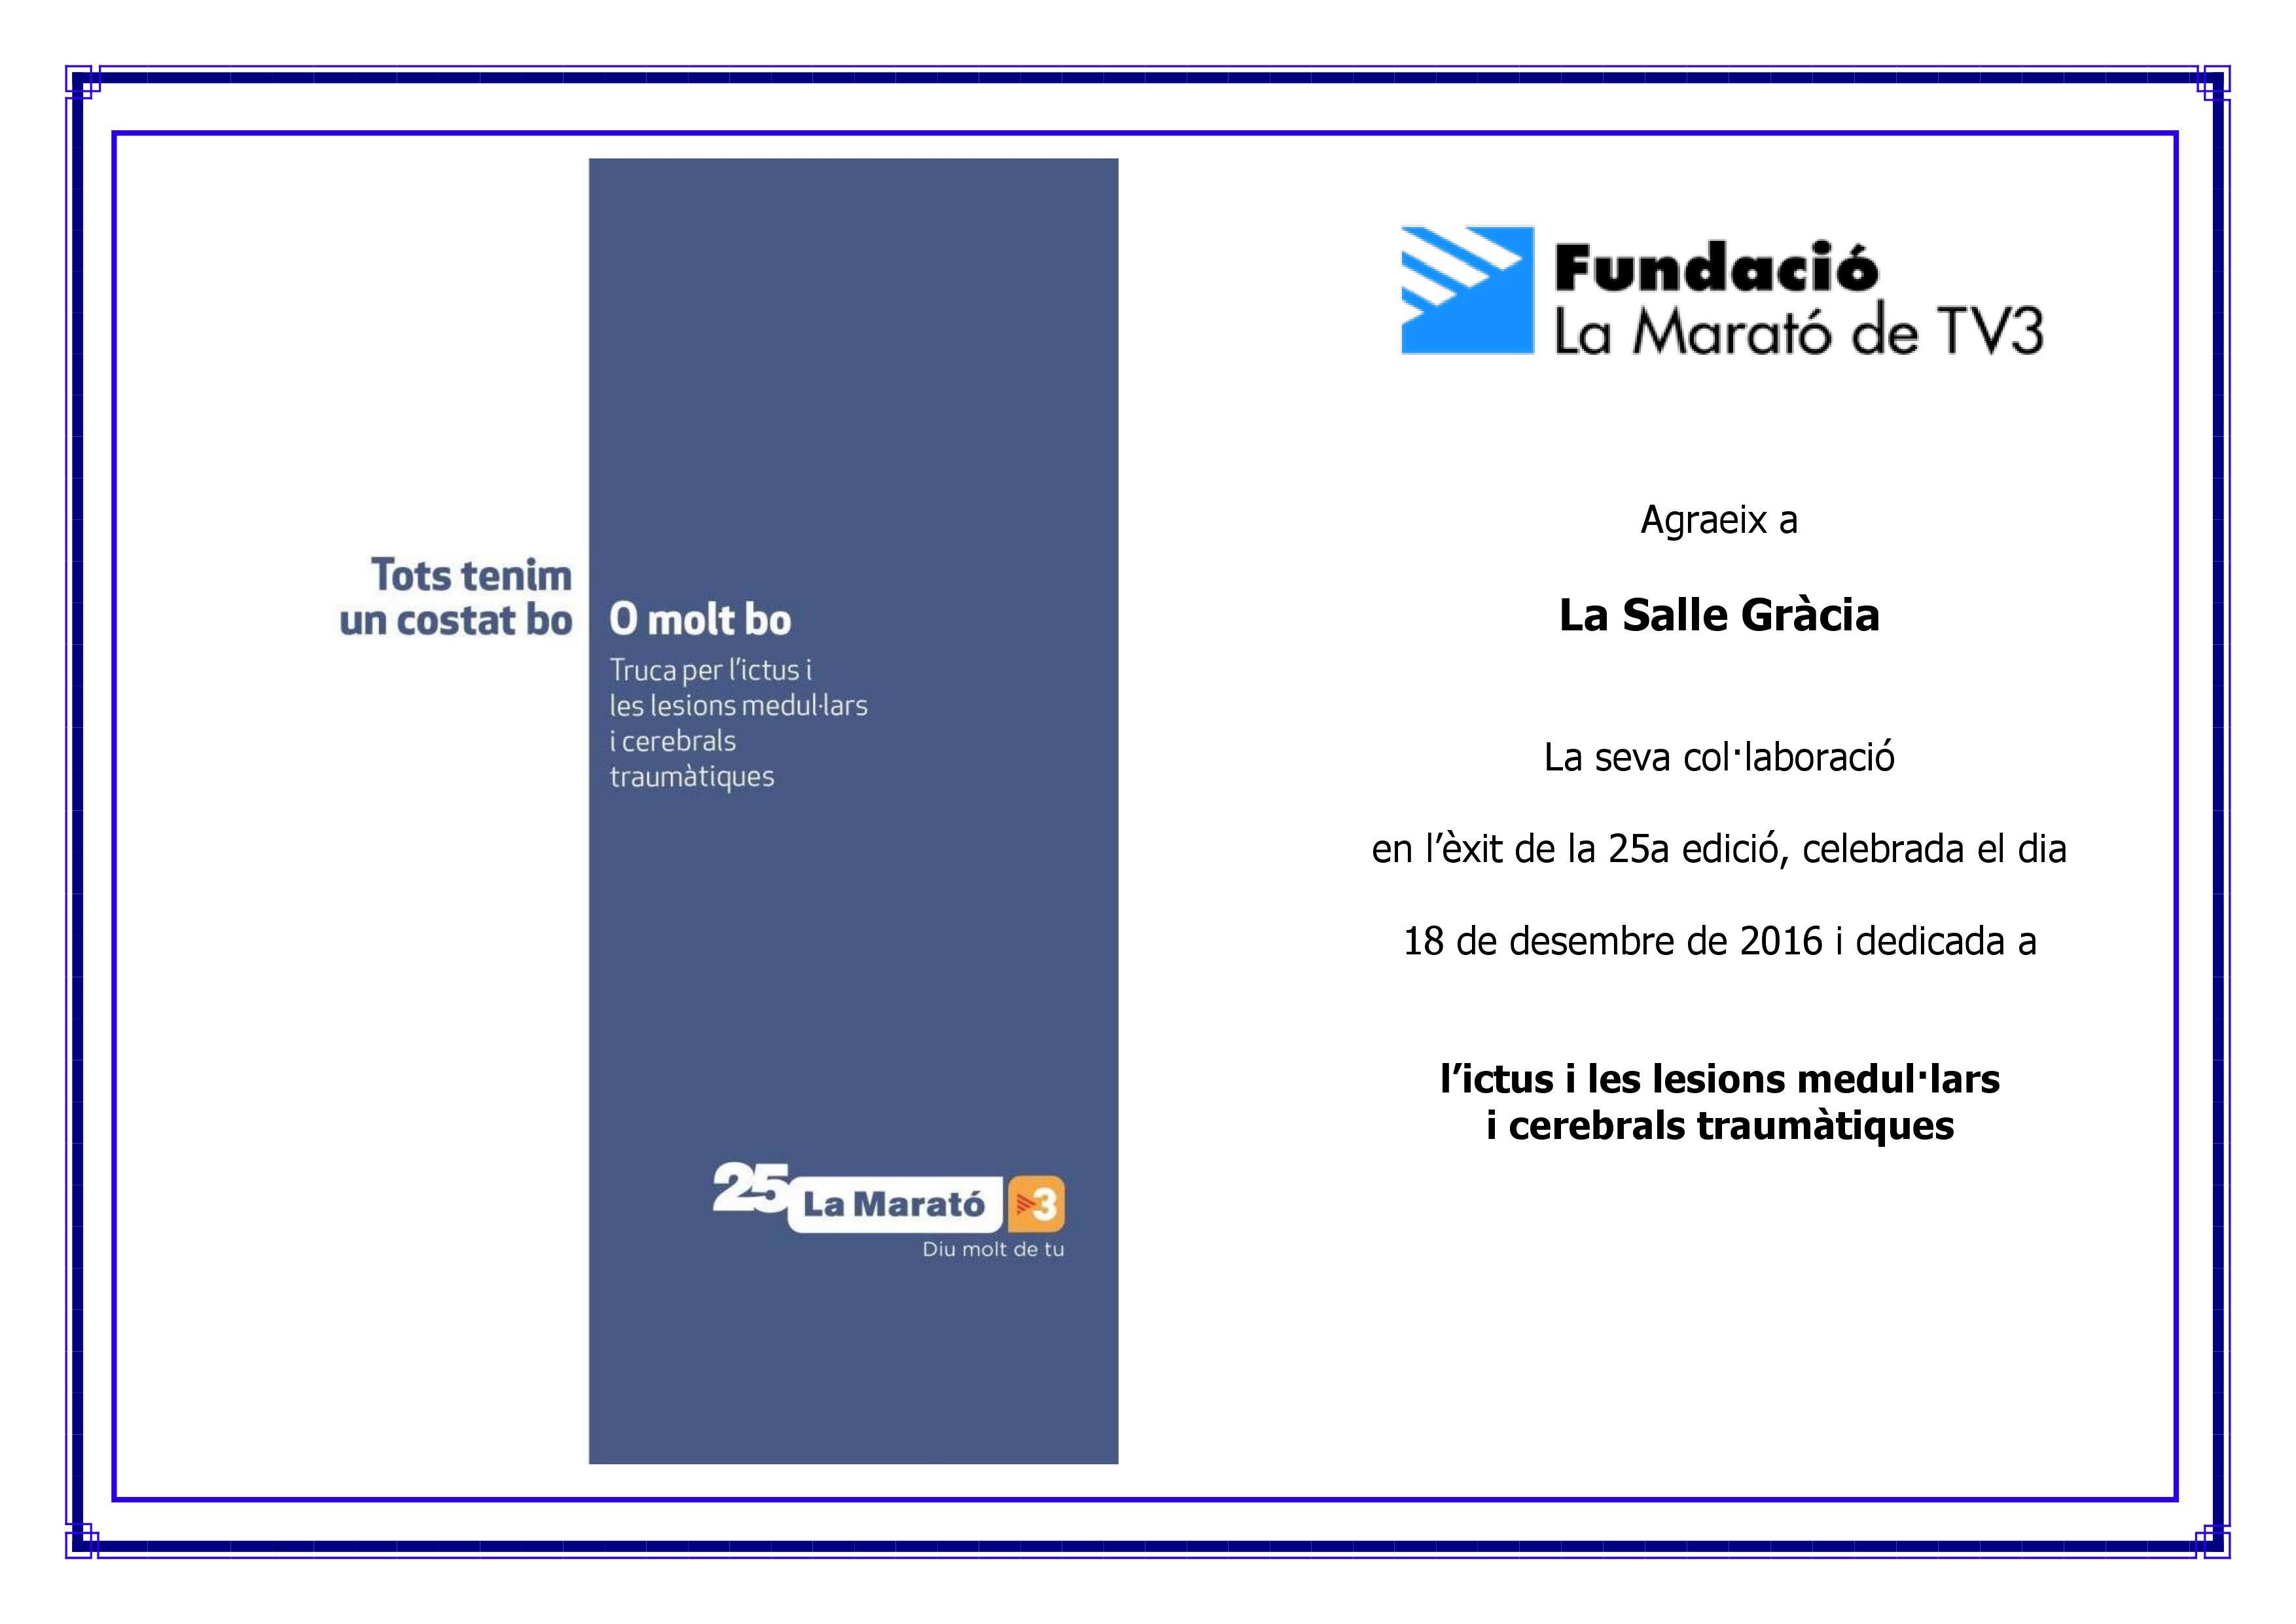 Fundació La Marató TV3 agraeix a La Salle Gràcia la seva implicació en la 25a edició